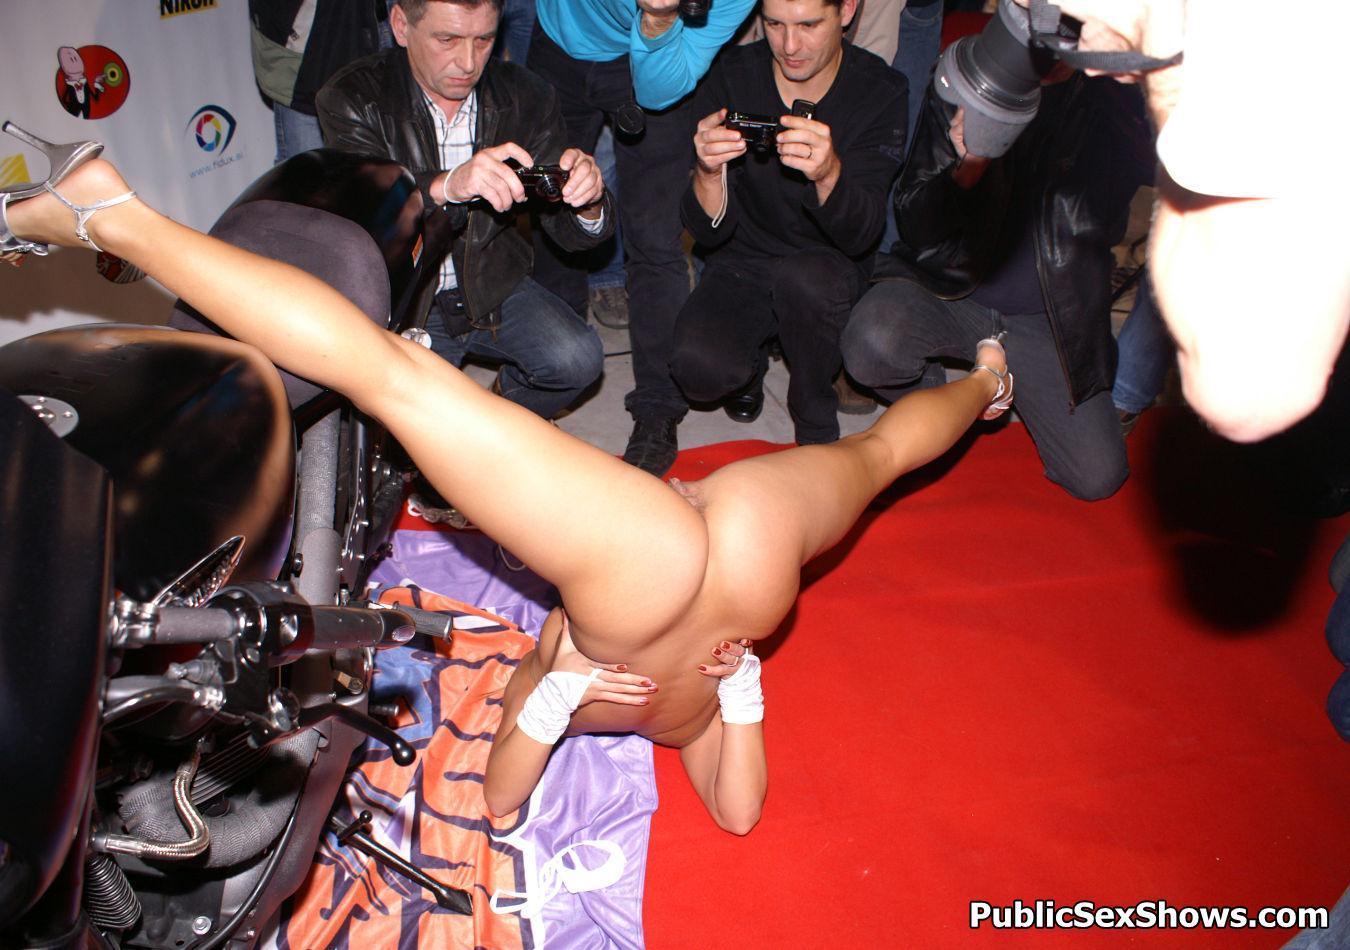 Теле порно щоу, Порно-шоу онлайн, смотреть видео секса с реалити-шоу 2 фотография